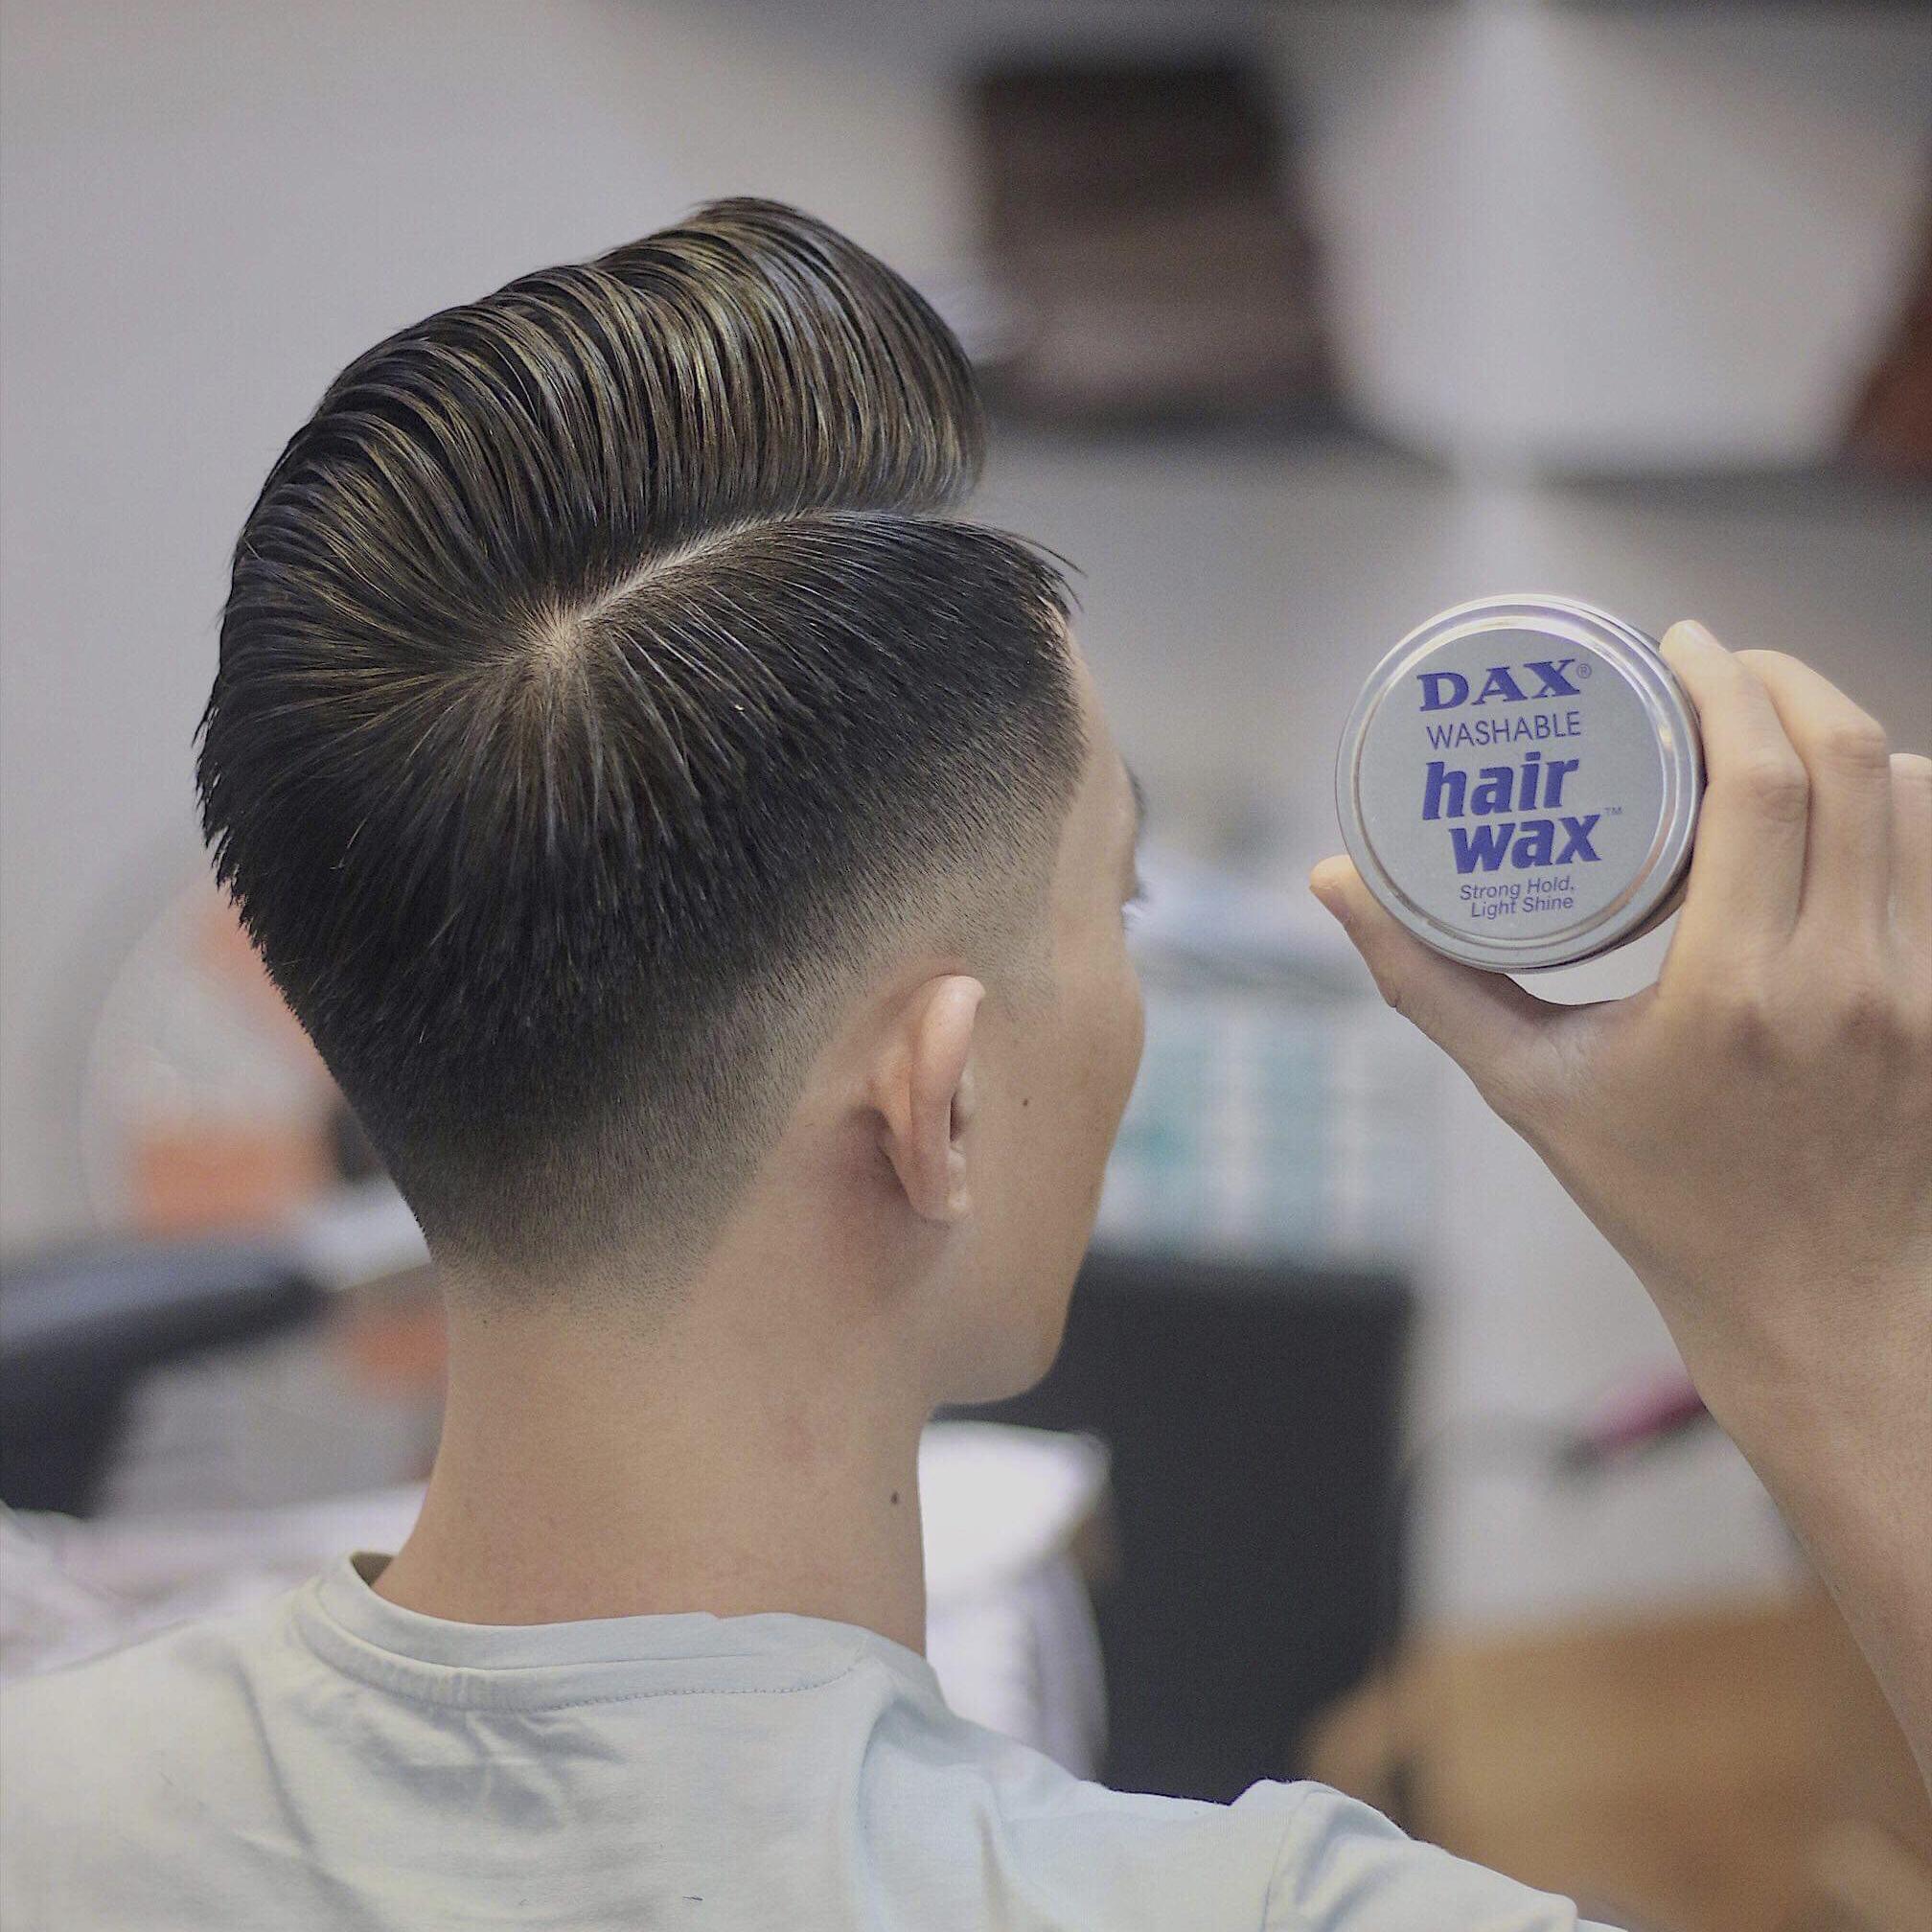 dax-hair-wax-03